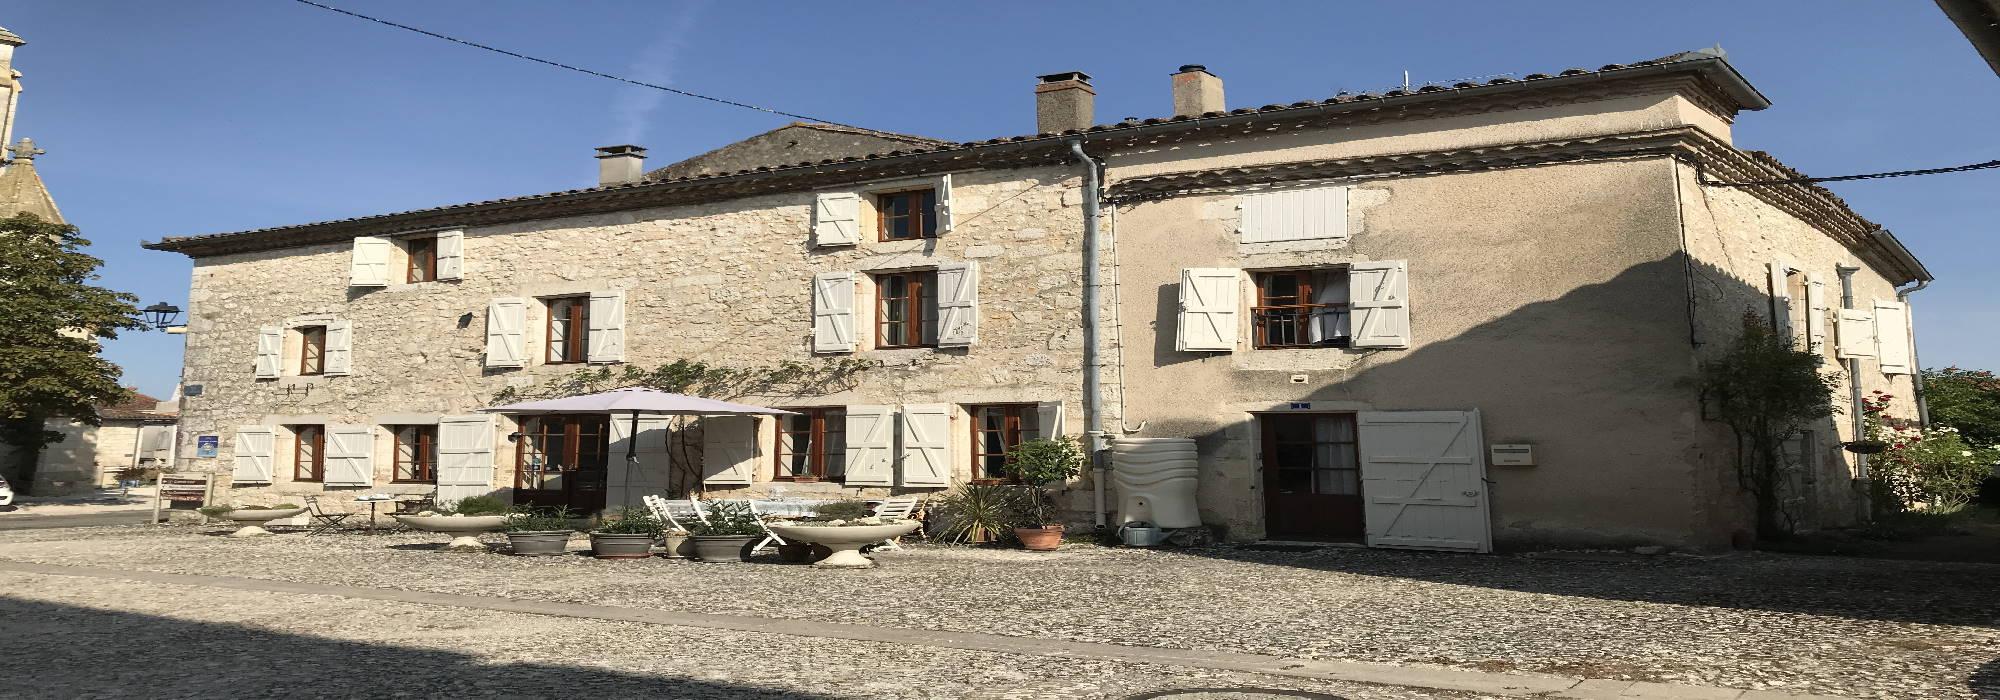 Maison de ville – 4 chambres – Terrasse & cave